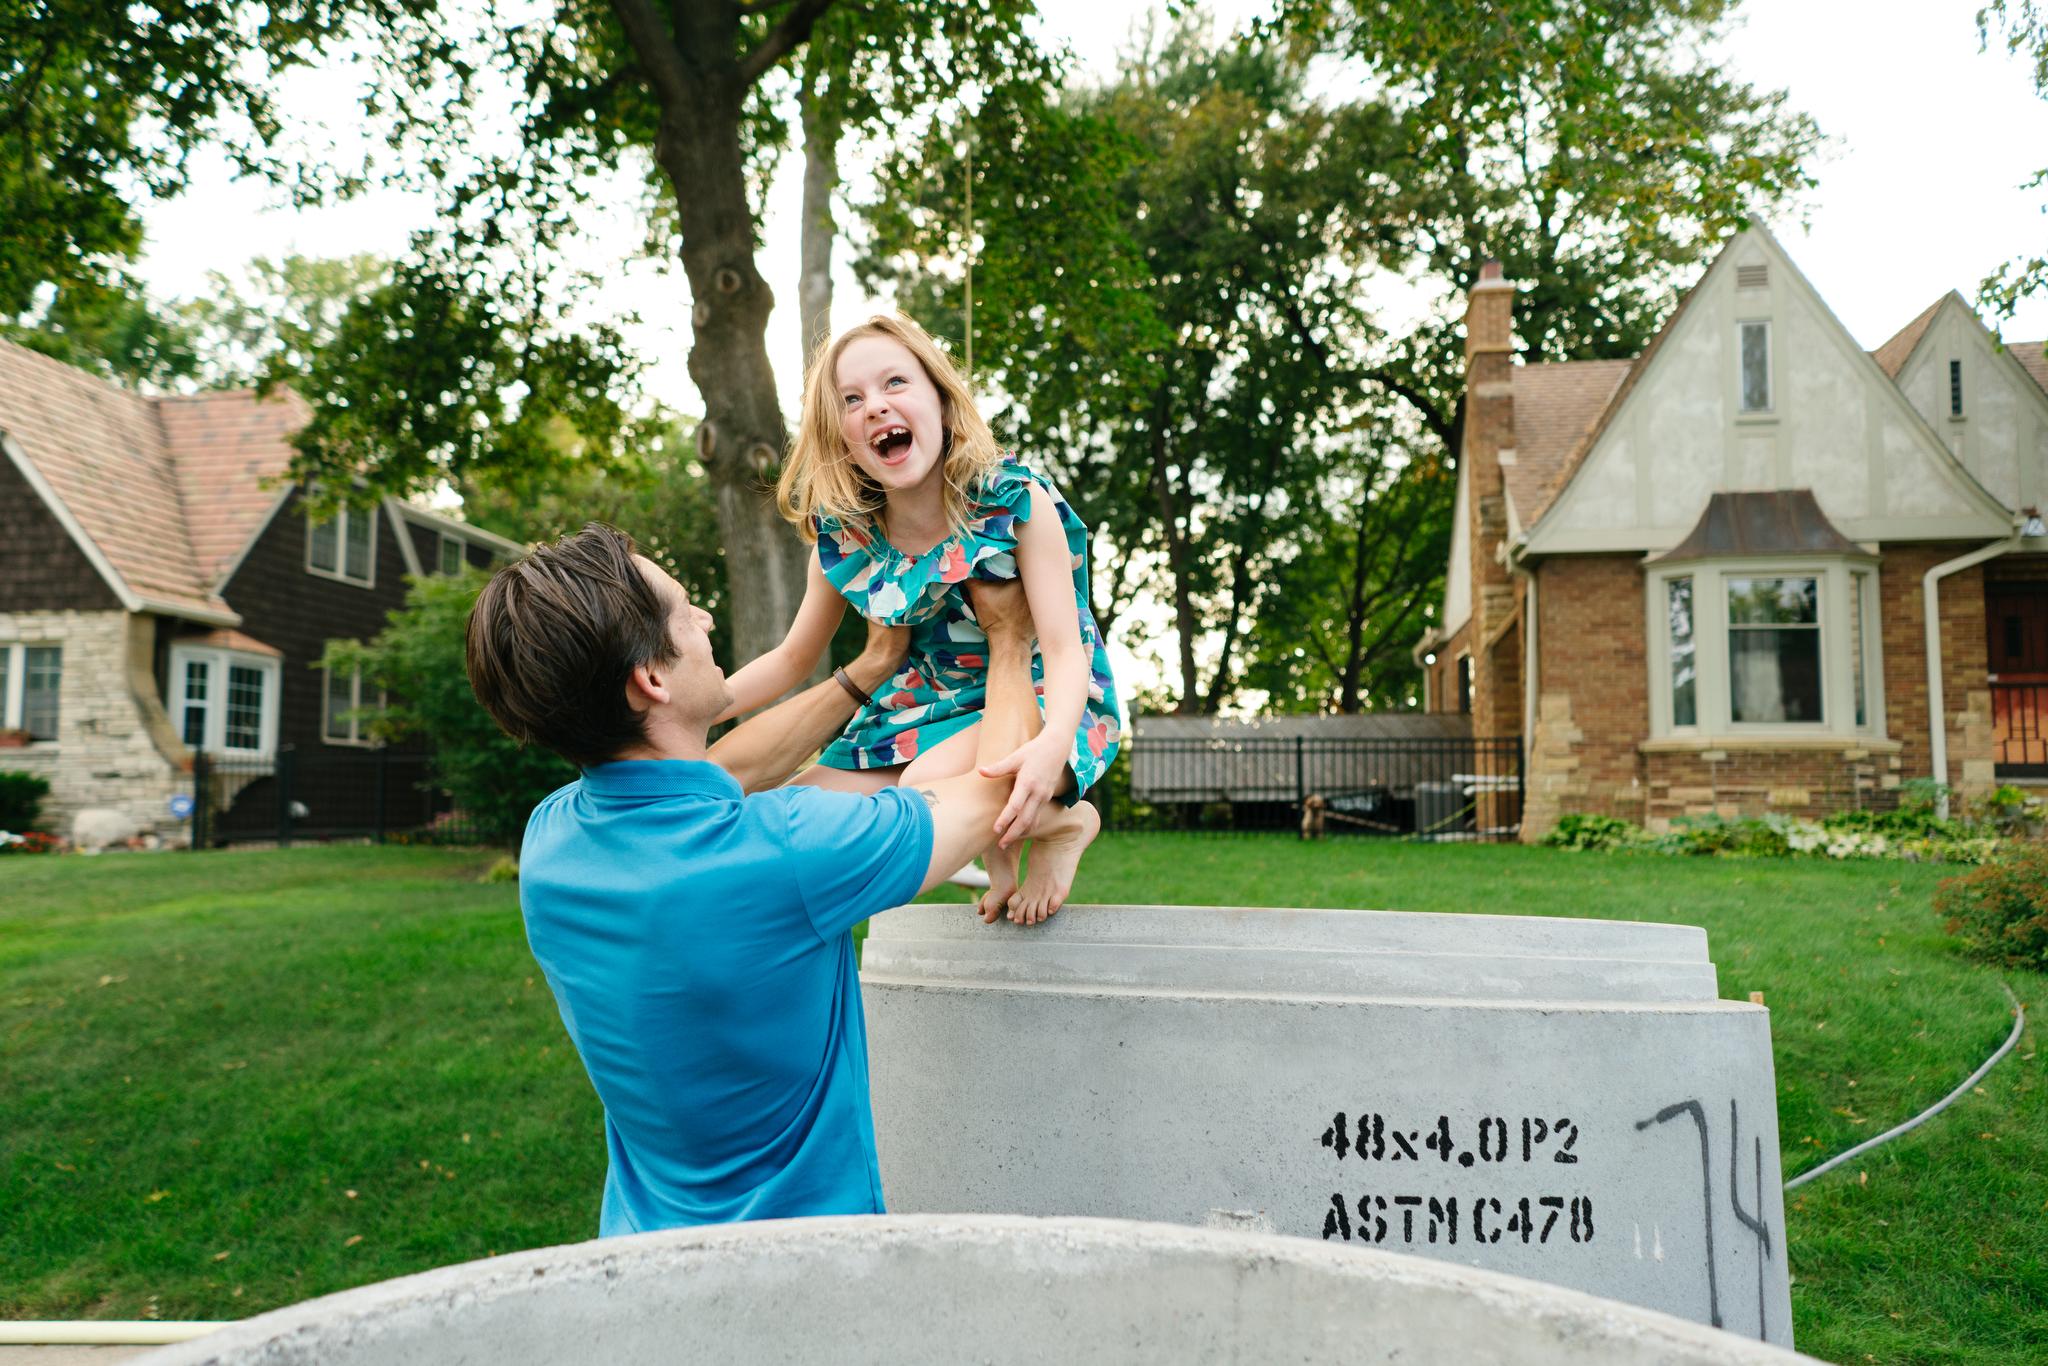 Edina Family Photography